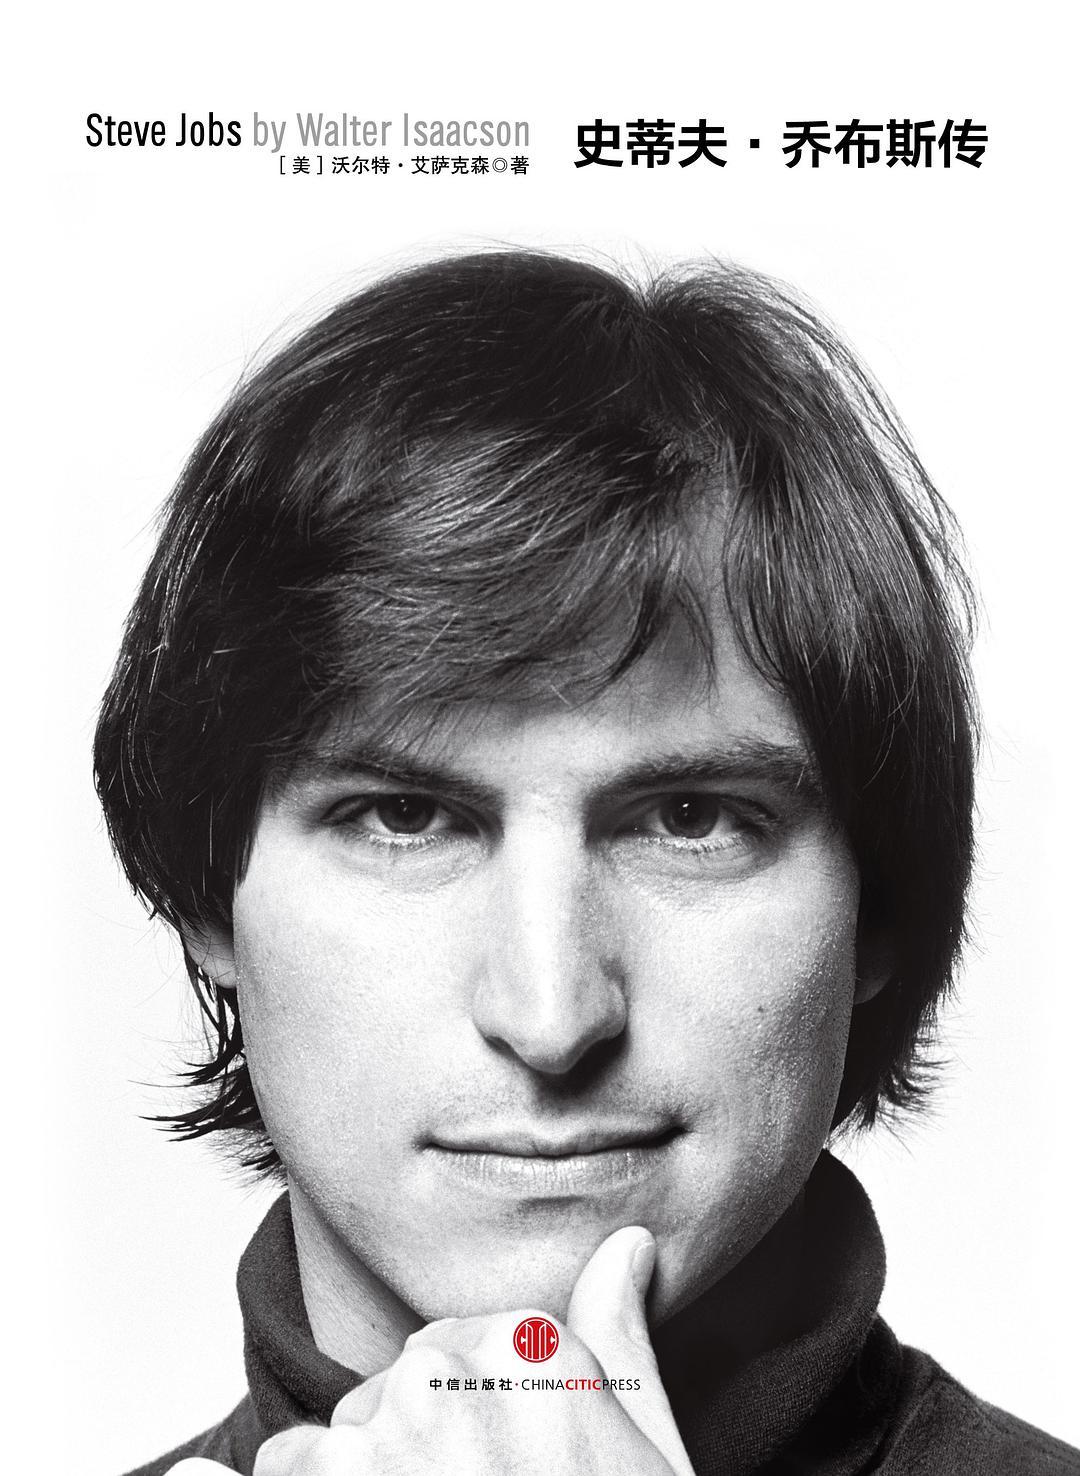 [产品经理]史蒂夫·乔布斯传(修订版)Steve Jobs: A Biography